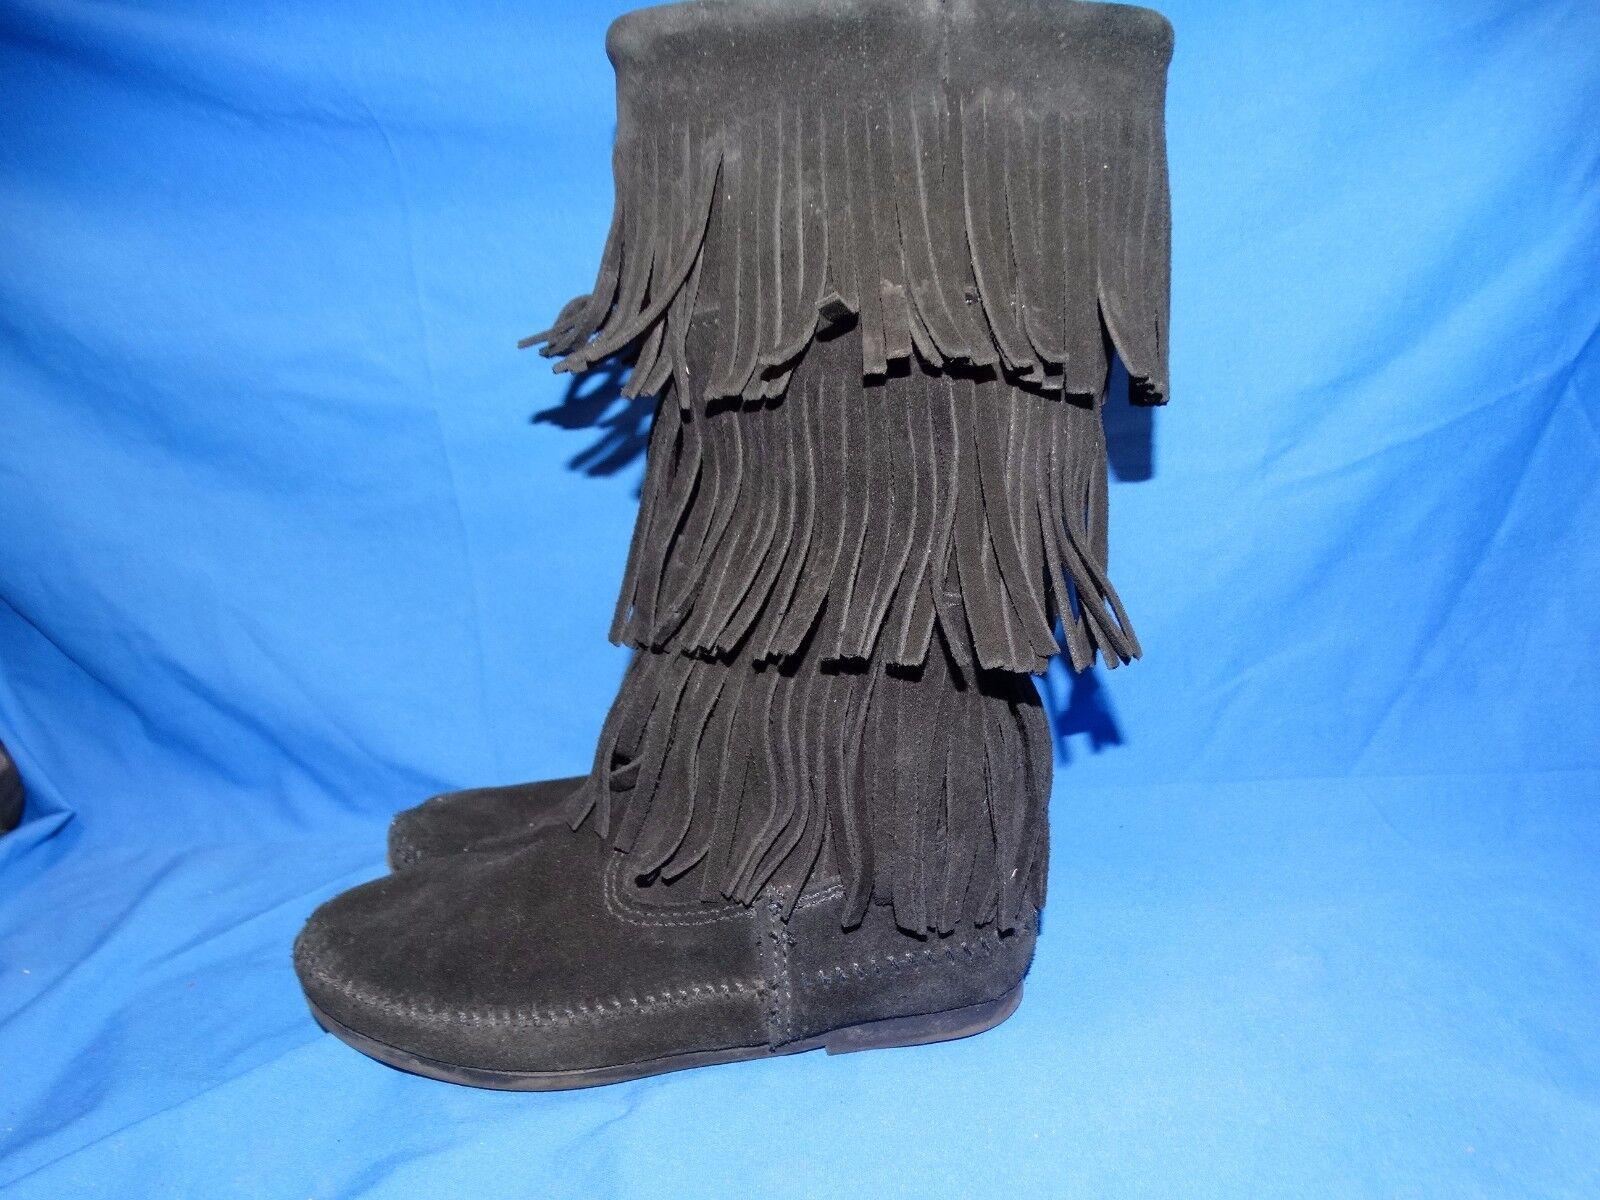 20209 Mujer botas con flecos Mocasín De Gamuza Negra Negra Negra Minnetonka  Zapato De Damas Talla 6  mejor servicio